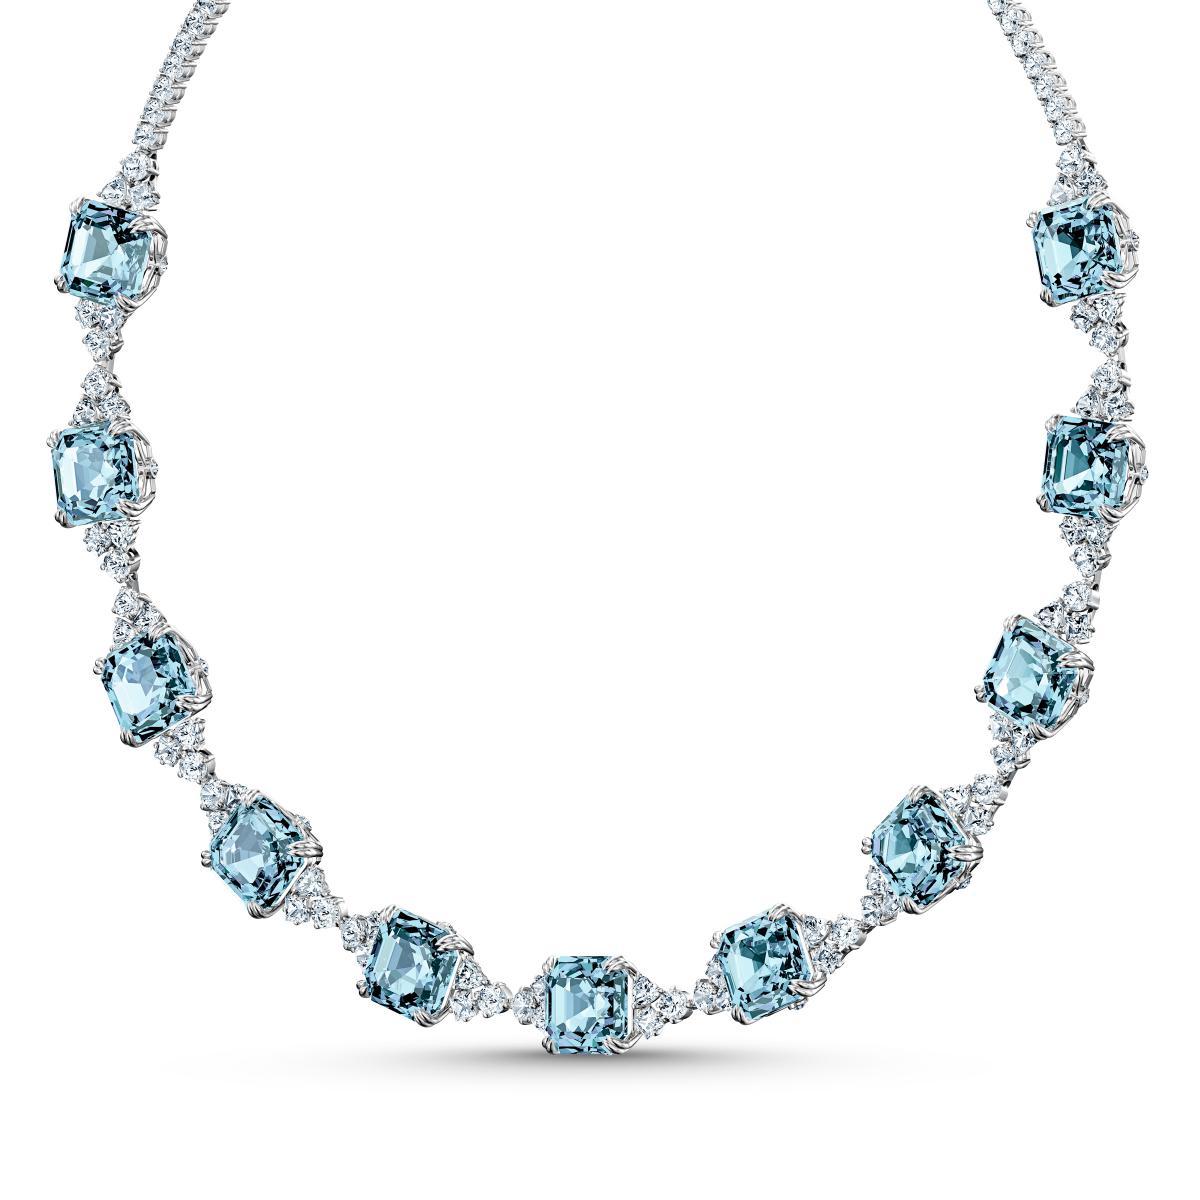 COLLIER Swarovski 5528875 - Collier métal argenté brillant cristaux bleu  Femme